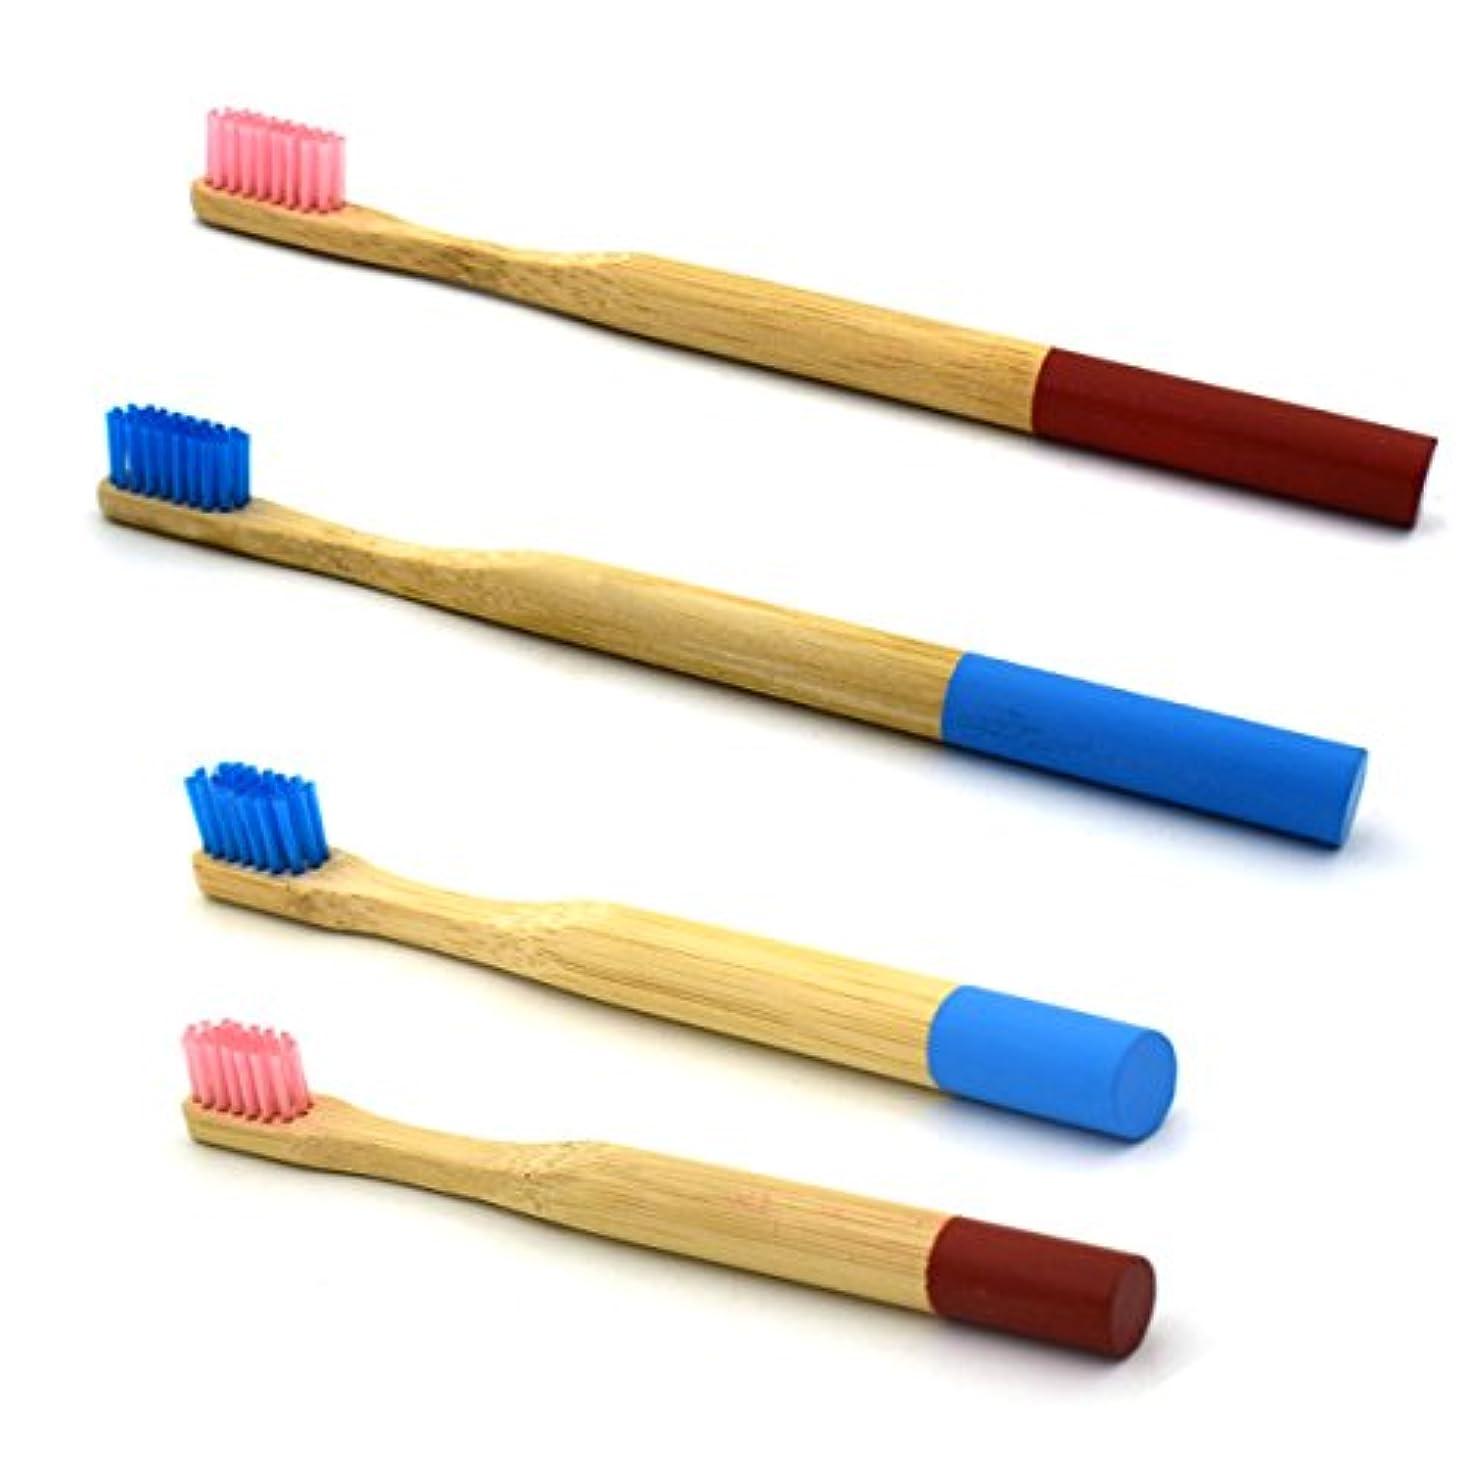 つまらない診断する図HEALLILY ラウンドハンドルエコフレンドリーソフト剛毛歯ブラシ(ブルーとピンク) - 大人と子供と4個の天然竹製の歯ブラシ